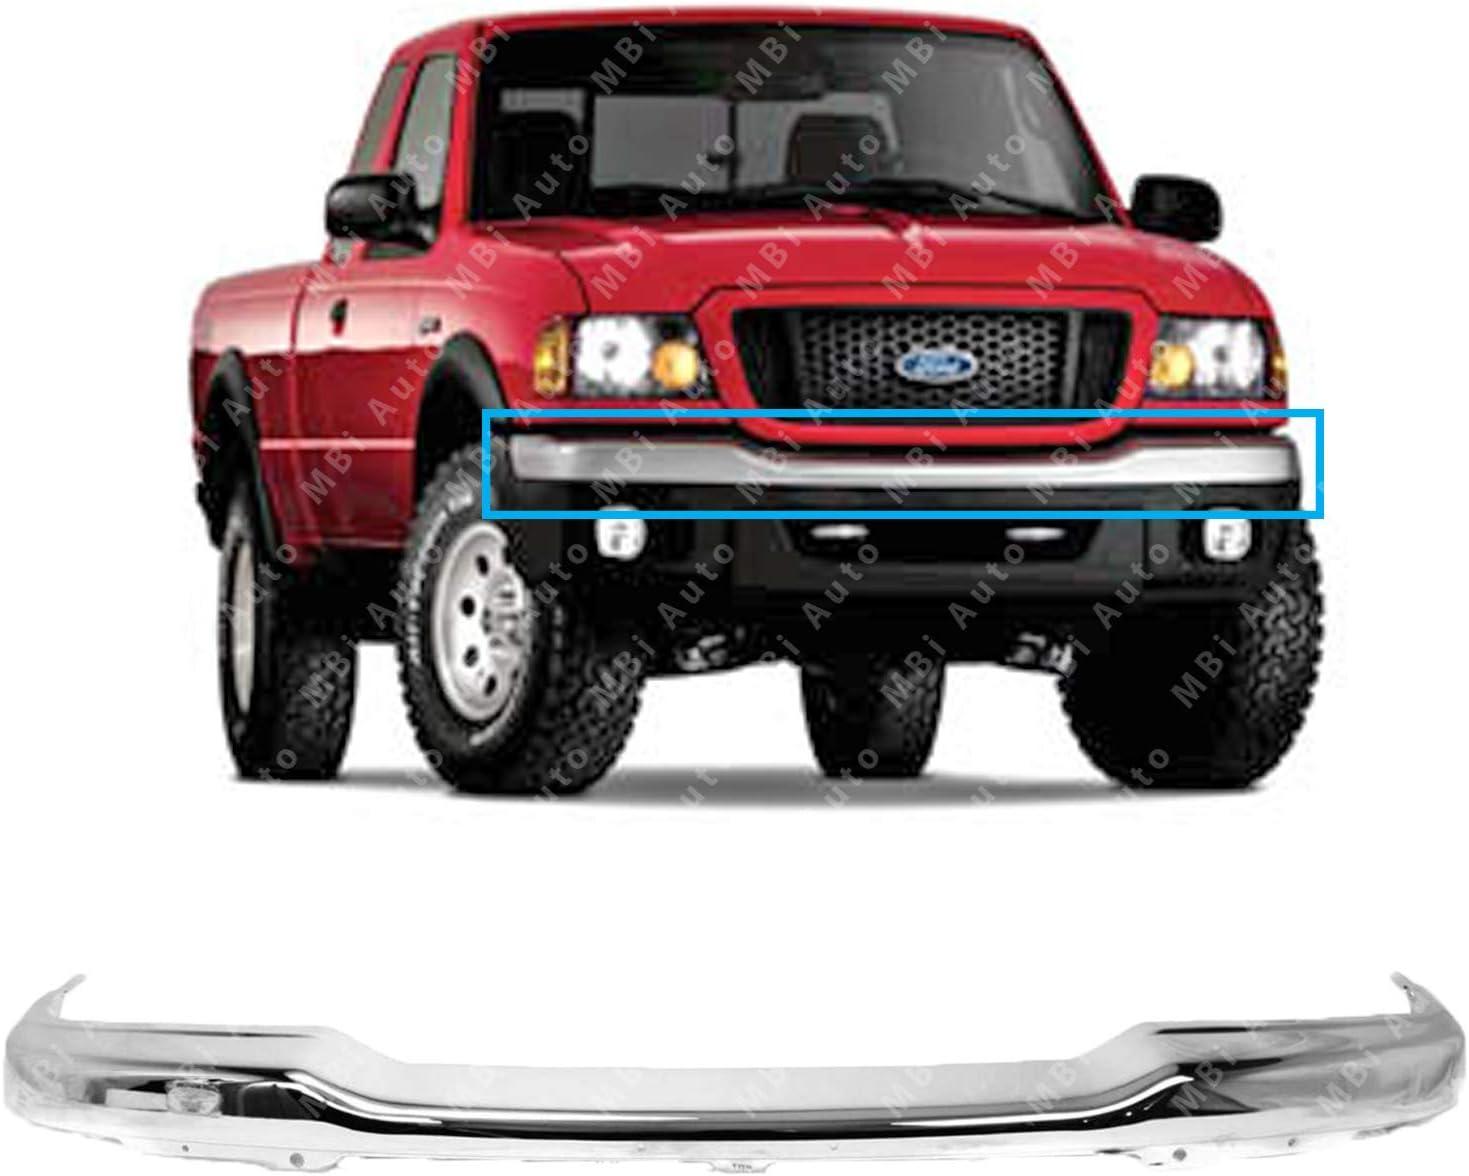 Models Bumper for Ford Ranger 01-05 Front Bumper Chrome XLT 4WD FX4 w//Fog Lights //